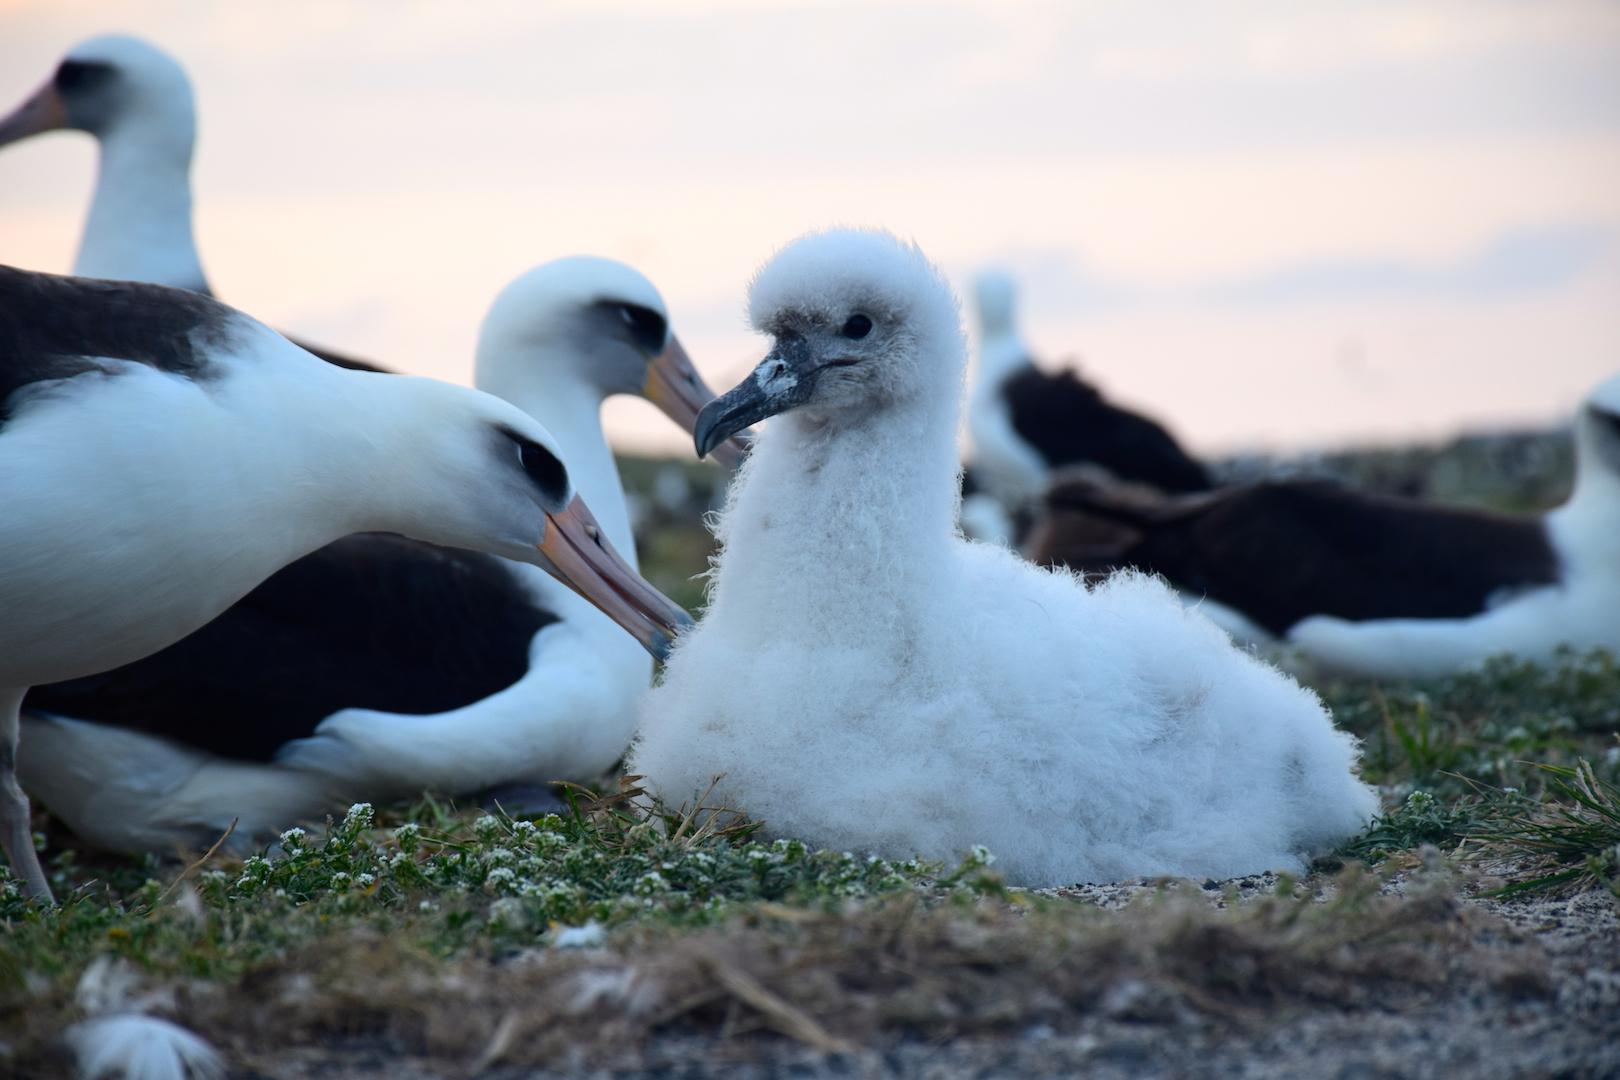 albino, albatross, white, rare, exotic, chick